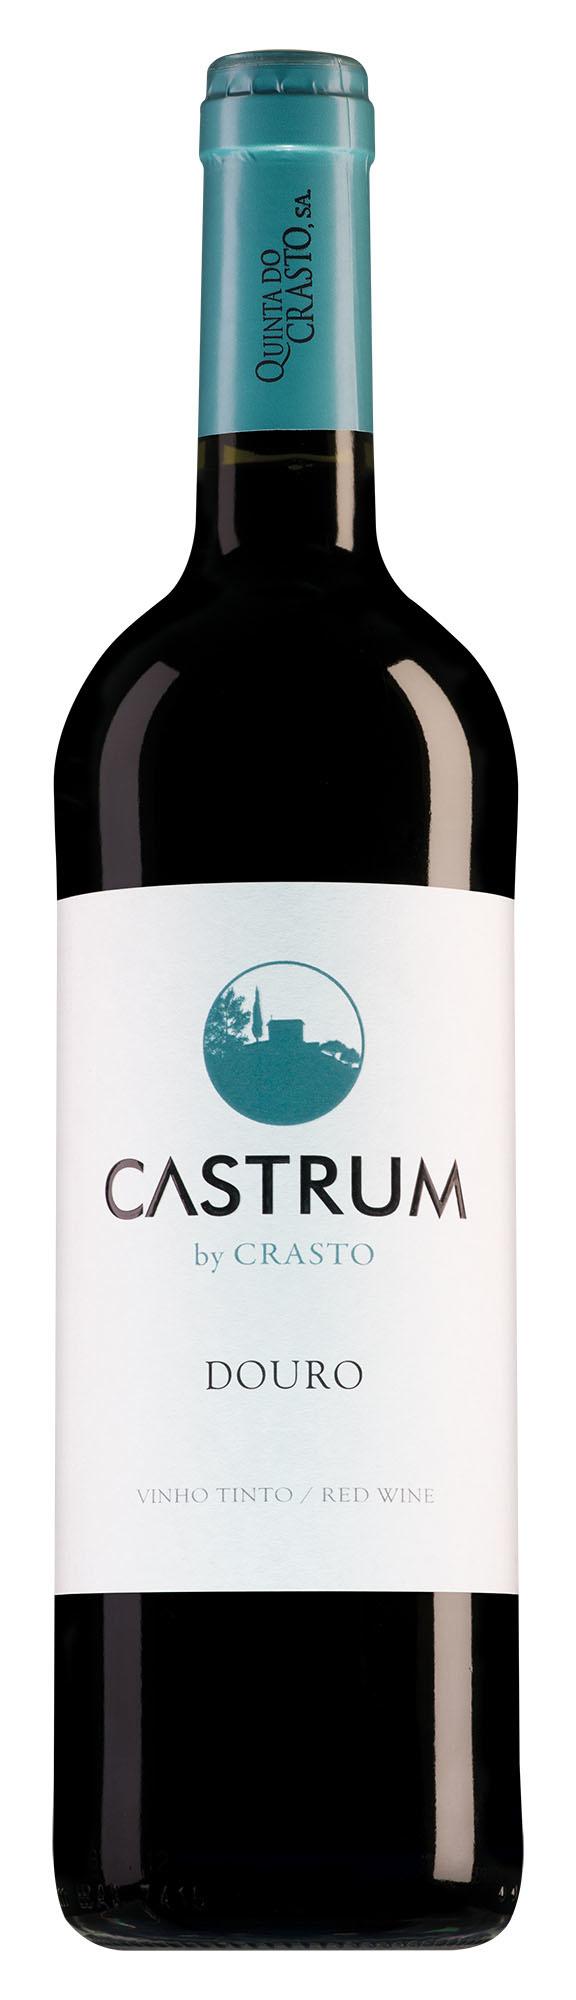 Quinta do Crasto Douro Castrum 2019